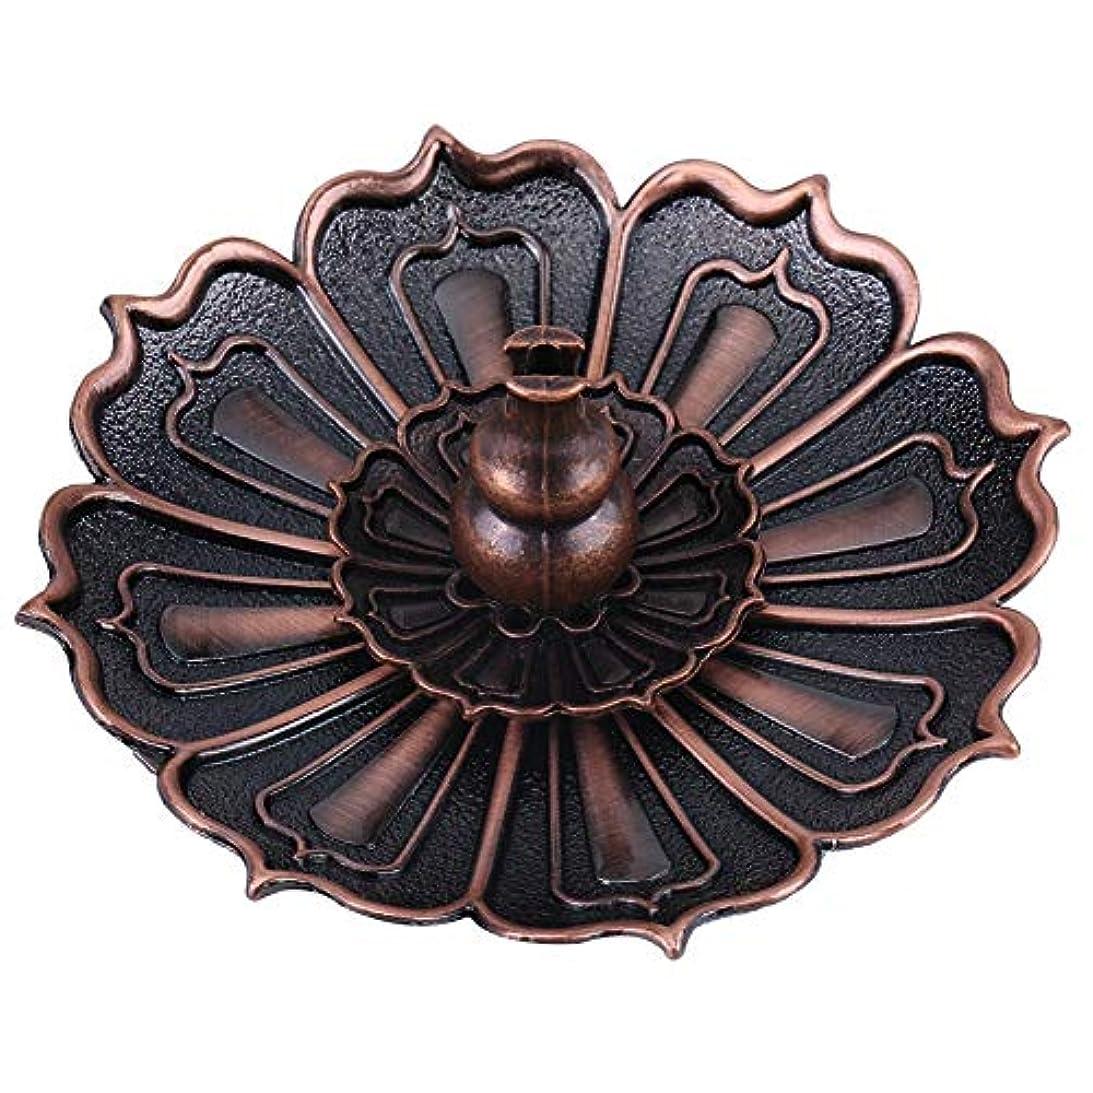 窒素習慣説得力のある蓮の花の形の香ホルダー - 線香炉 香立て お香用具 お線香用可 アロマ香炉9×3.5センチメートル